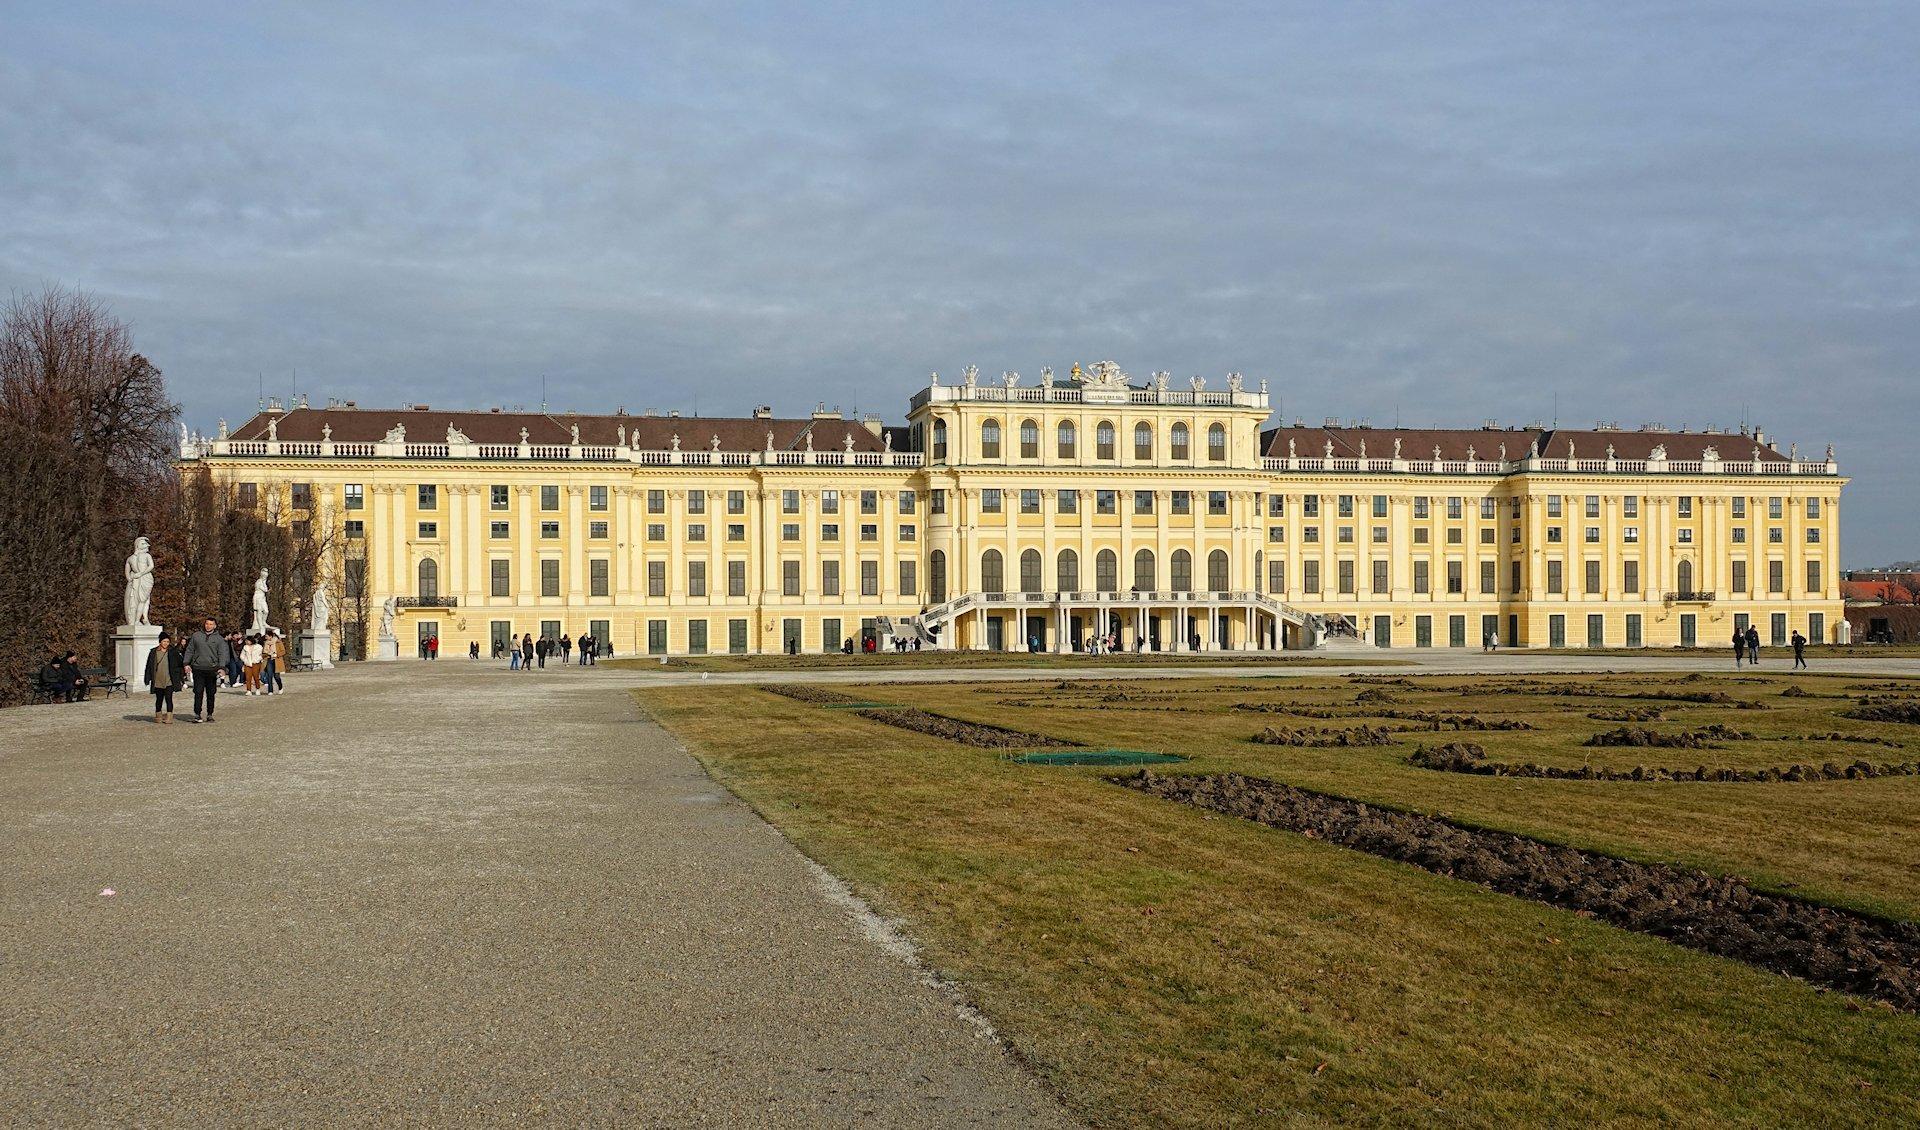 Photo of Schloss Schönbrunn seen from the south-west.